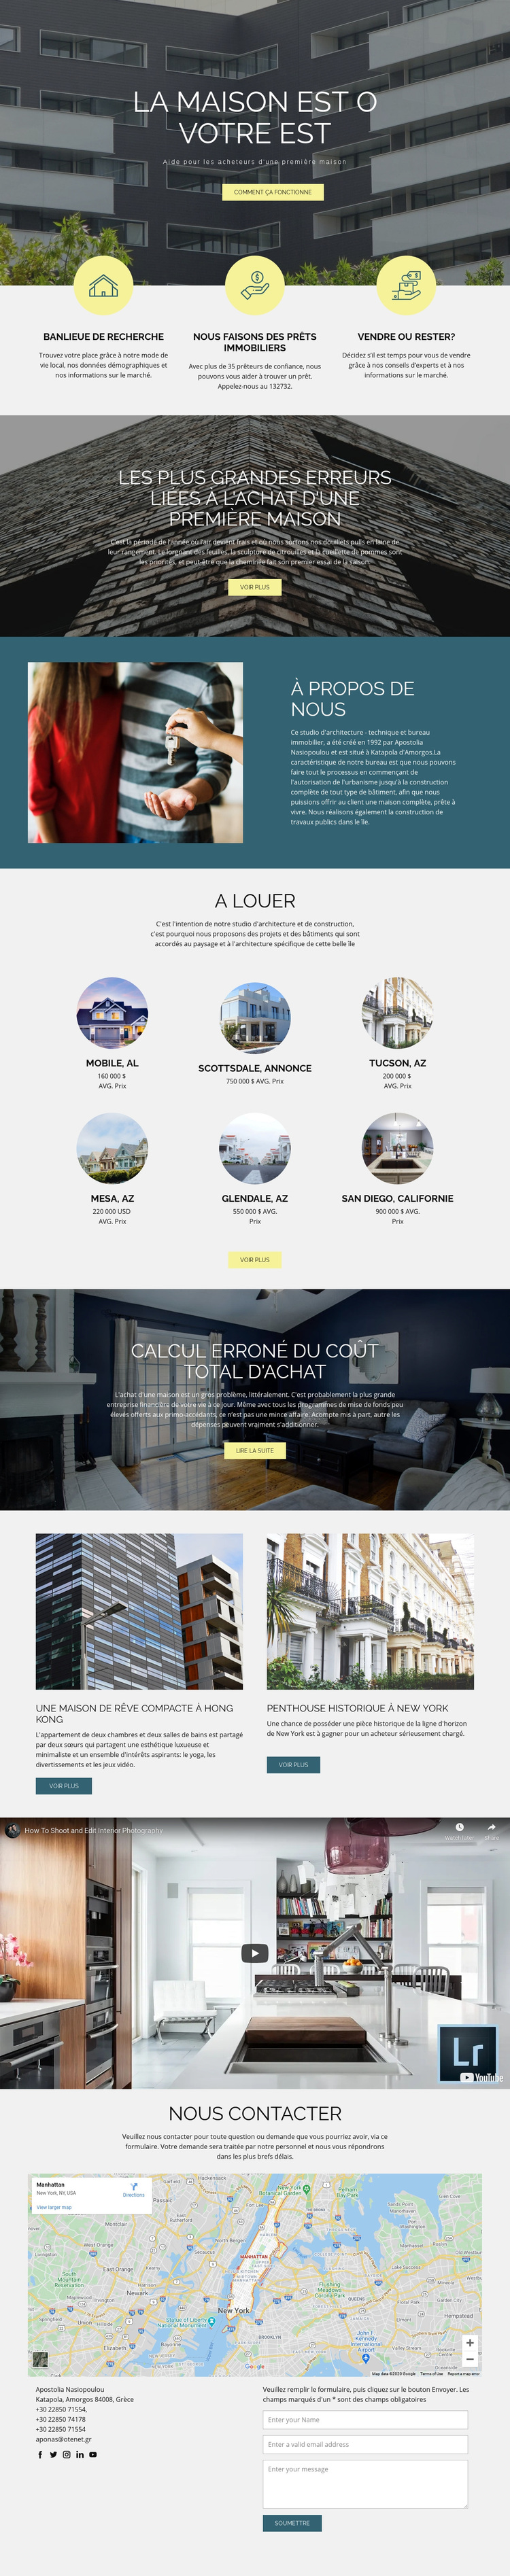 Immobilier à la maison Thème WordPress